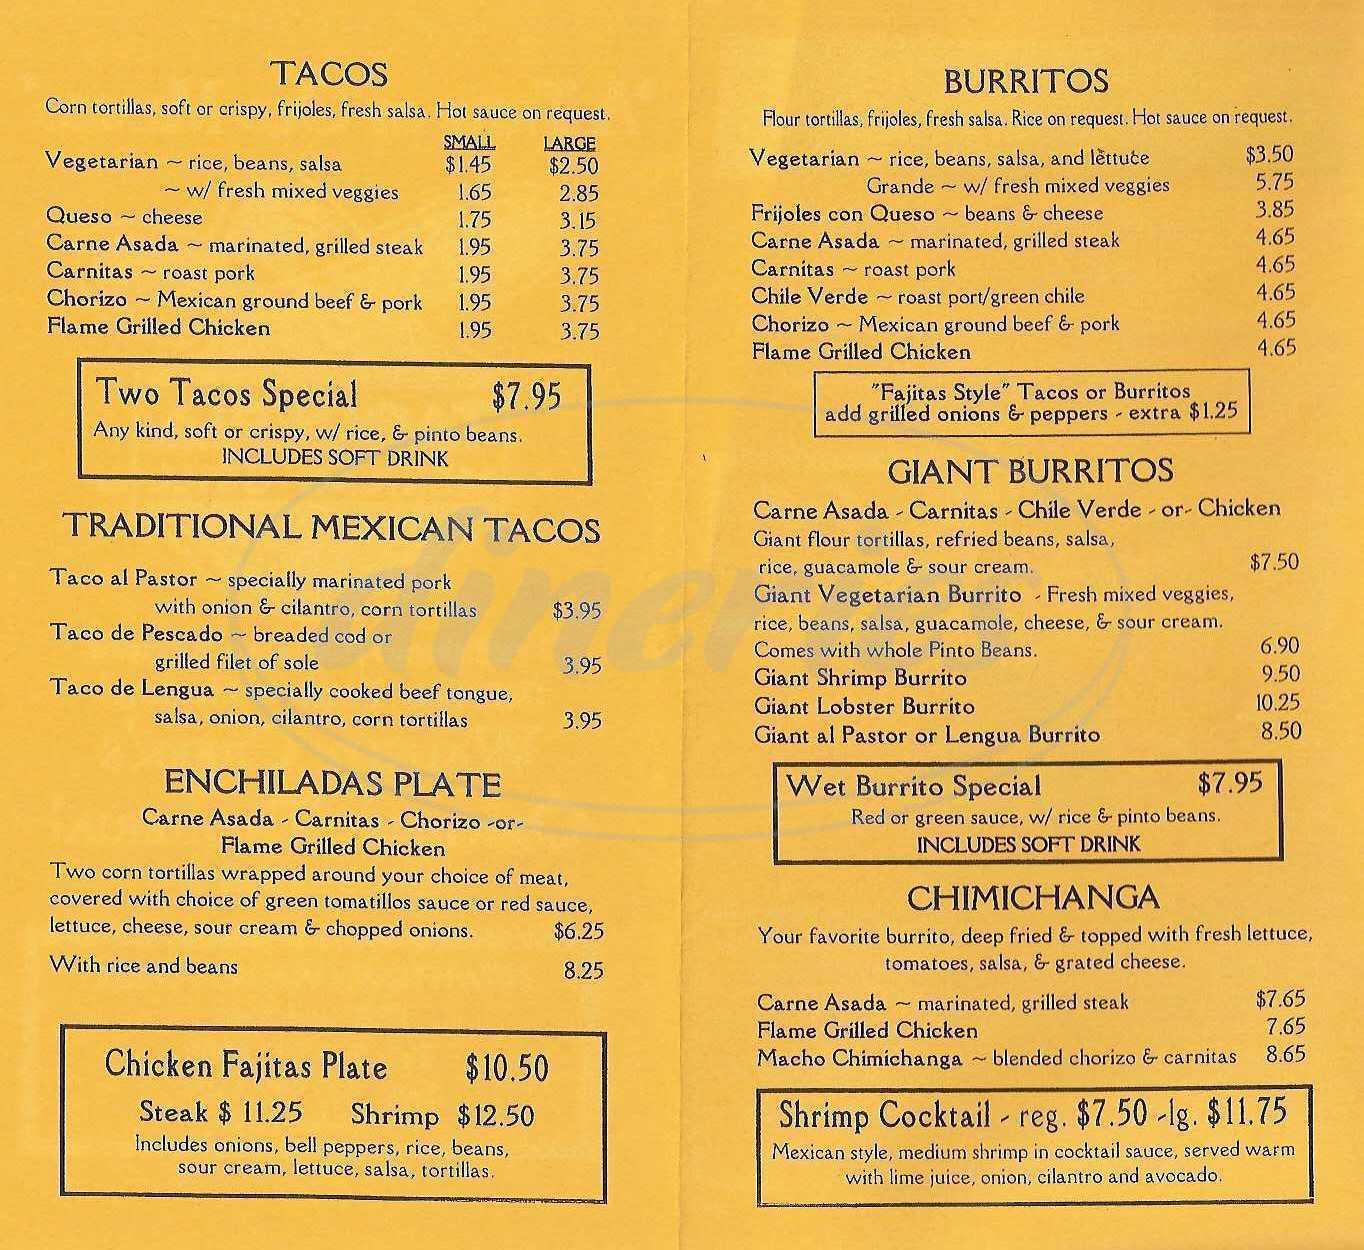 menu for Taqueria Mexican Grill